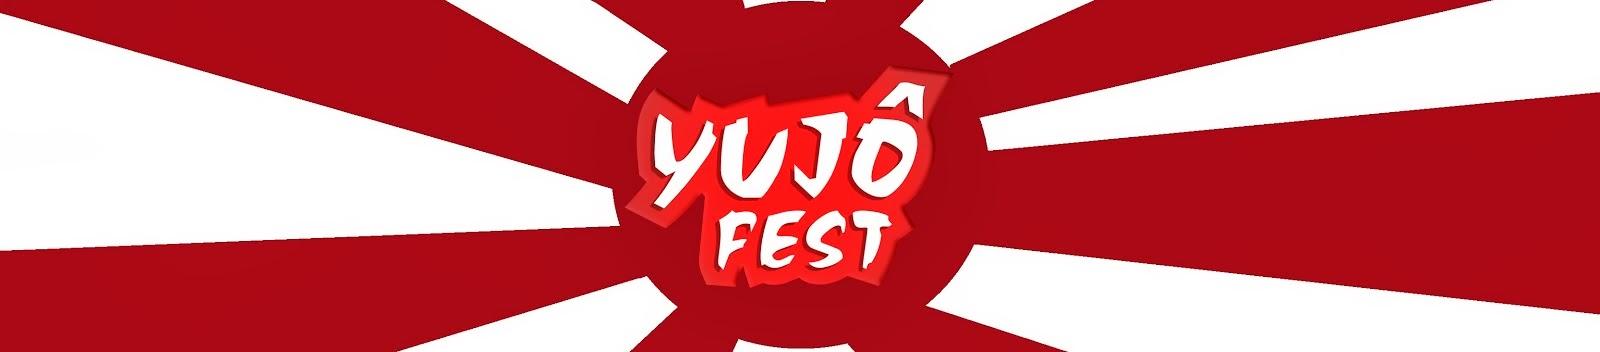 Yujô Fest